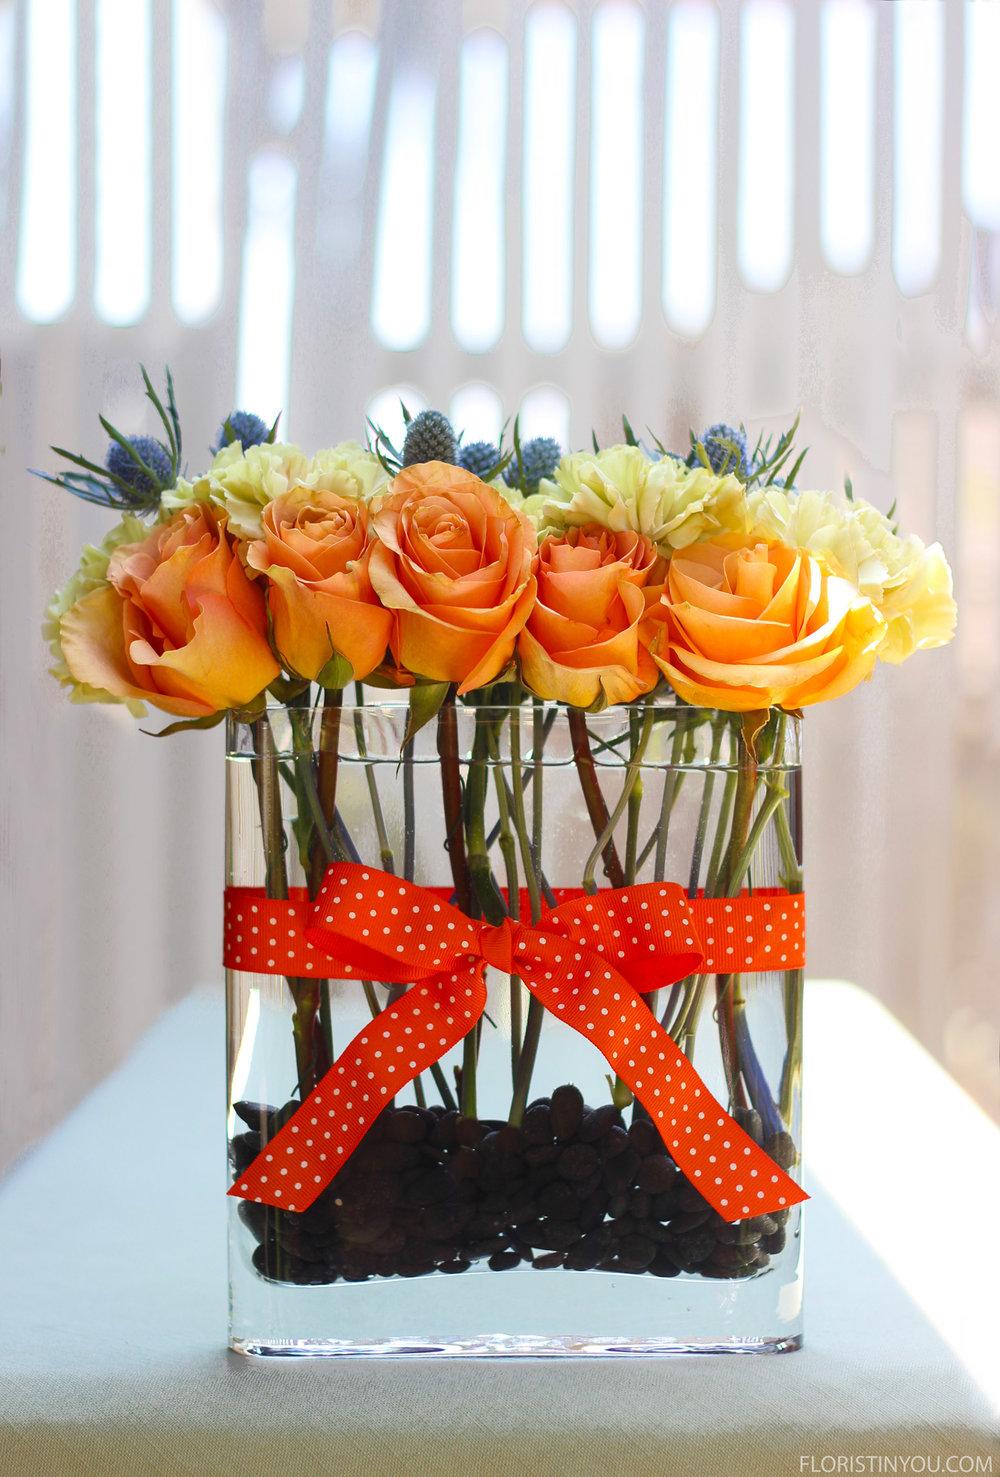 Roses, Putumayo Carnations and Amethyst Sea Holly